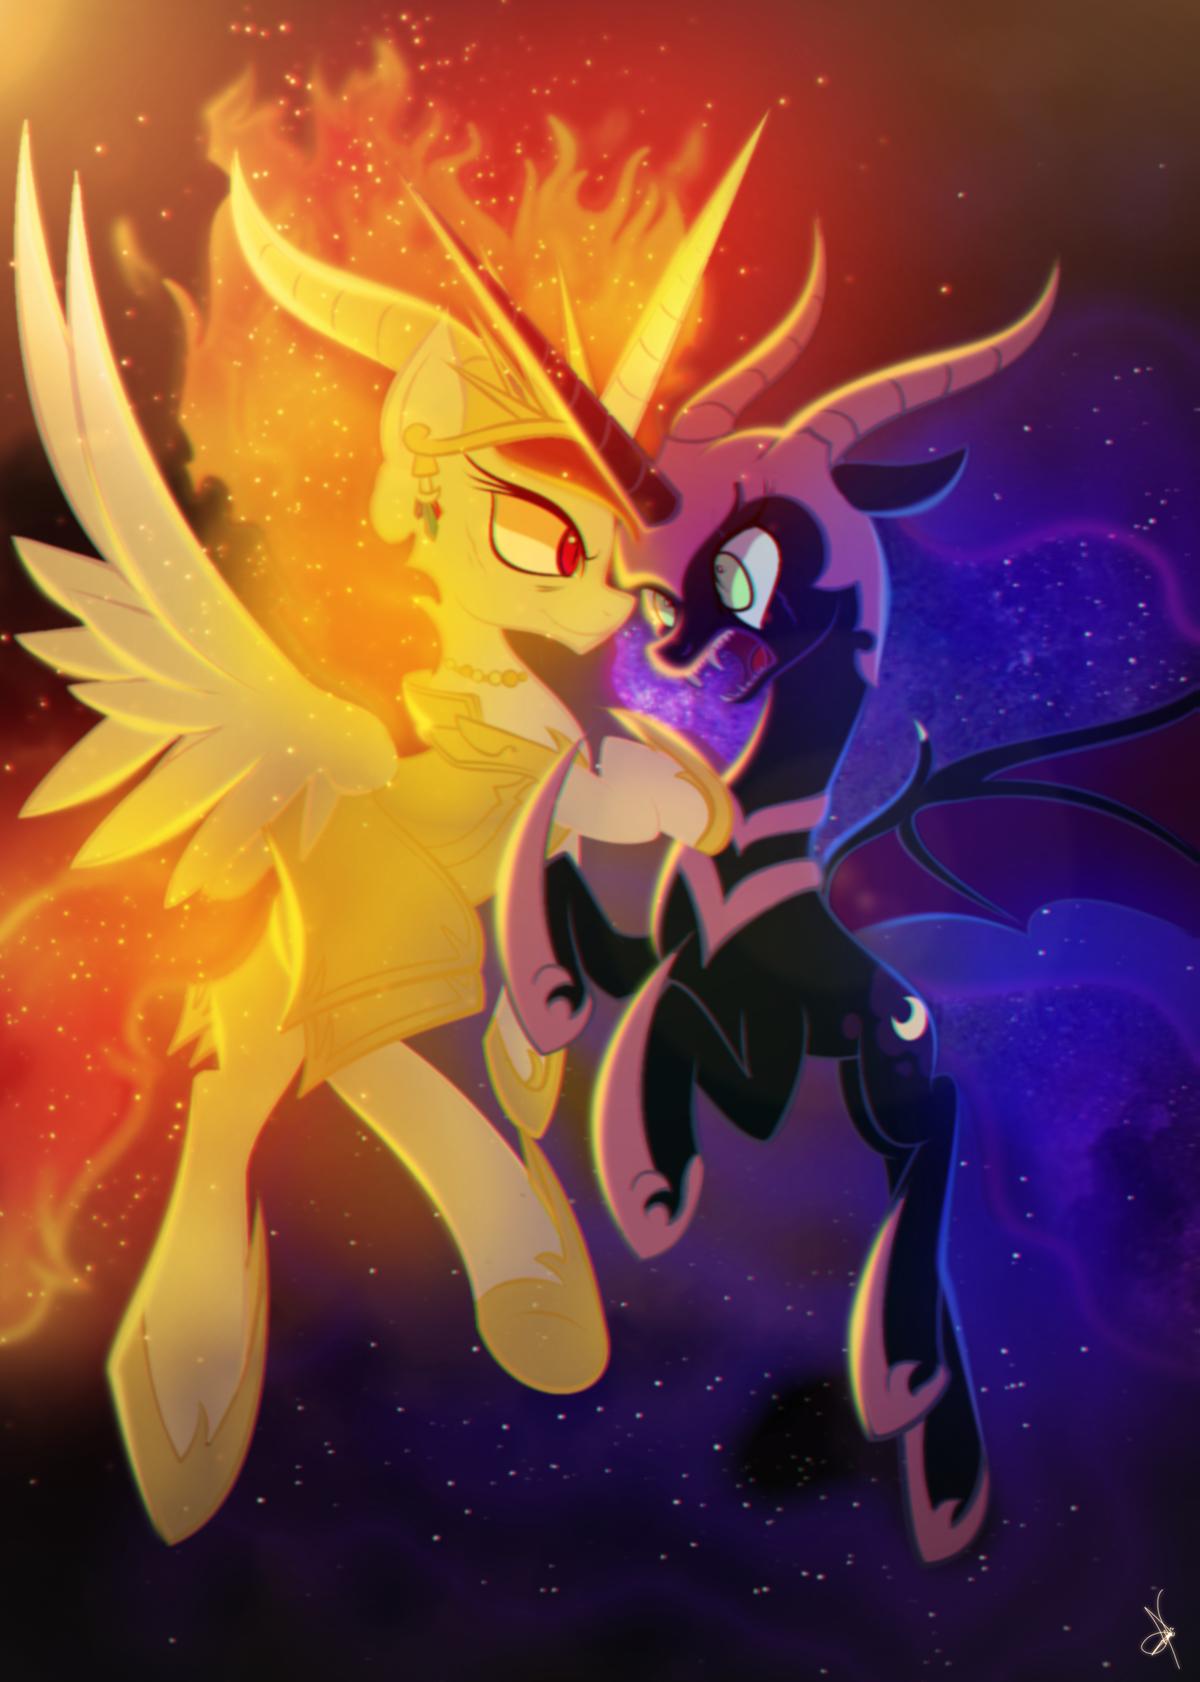 Daybreaker Vs Nightmare Moon, Celestial Battle by ZidaneMina